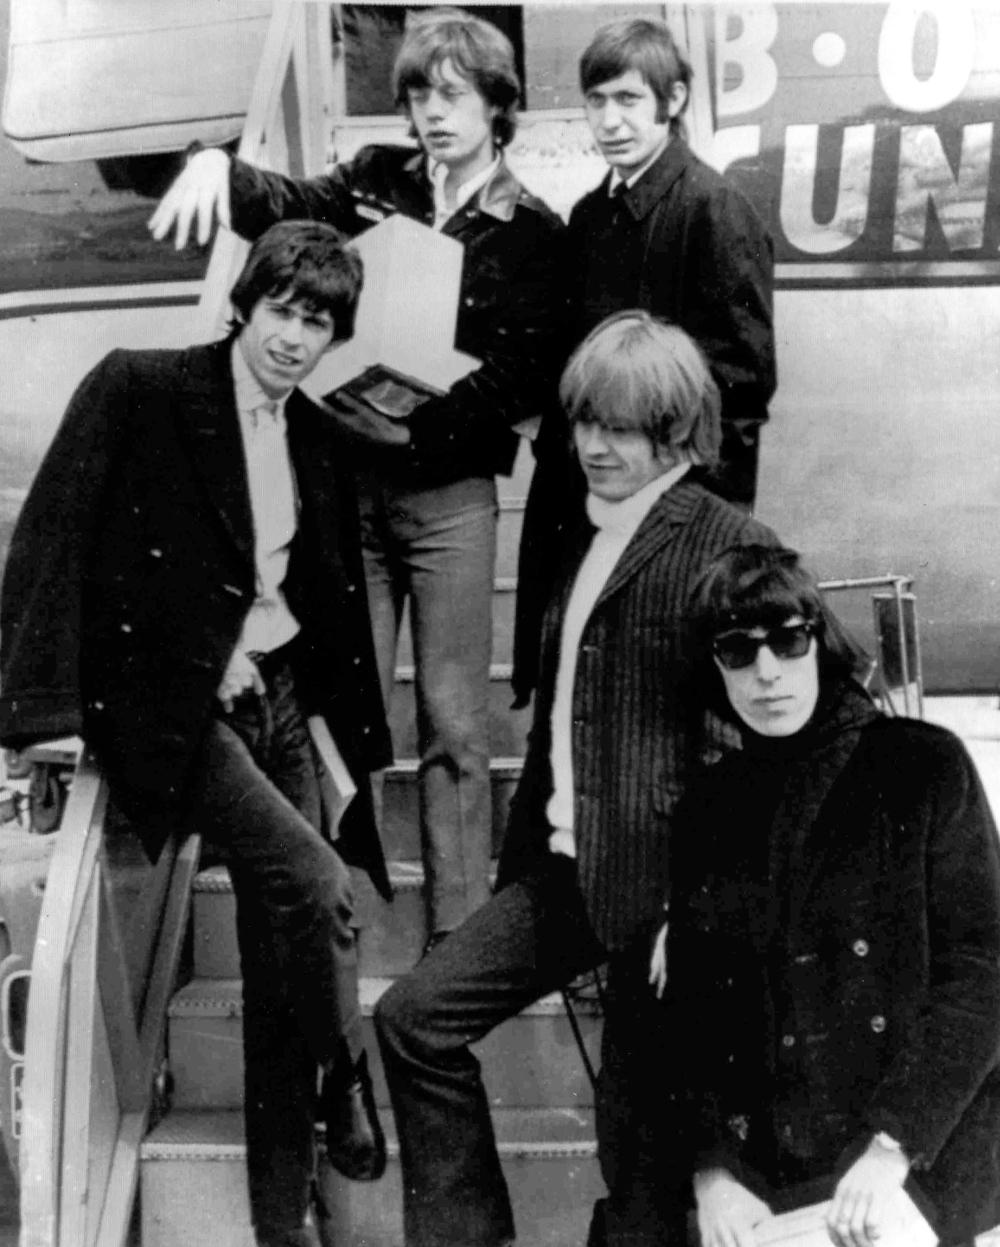 Μικ Τζάγκερ, Κιθ Ρίτσαρντς, Μπράιαν Τζόουνς και Μπίλ Γουάιμαν των Rolling Stones